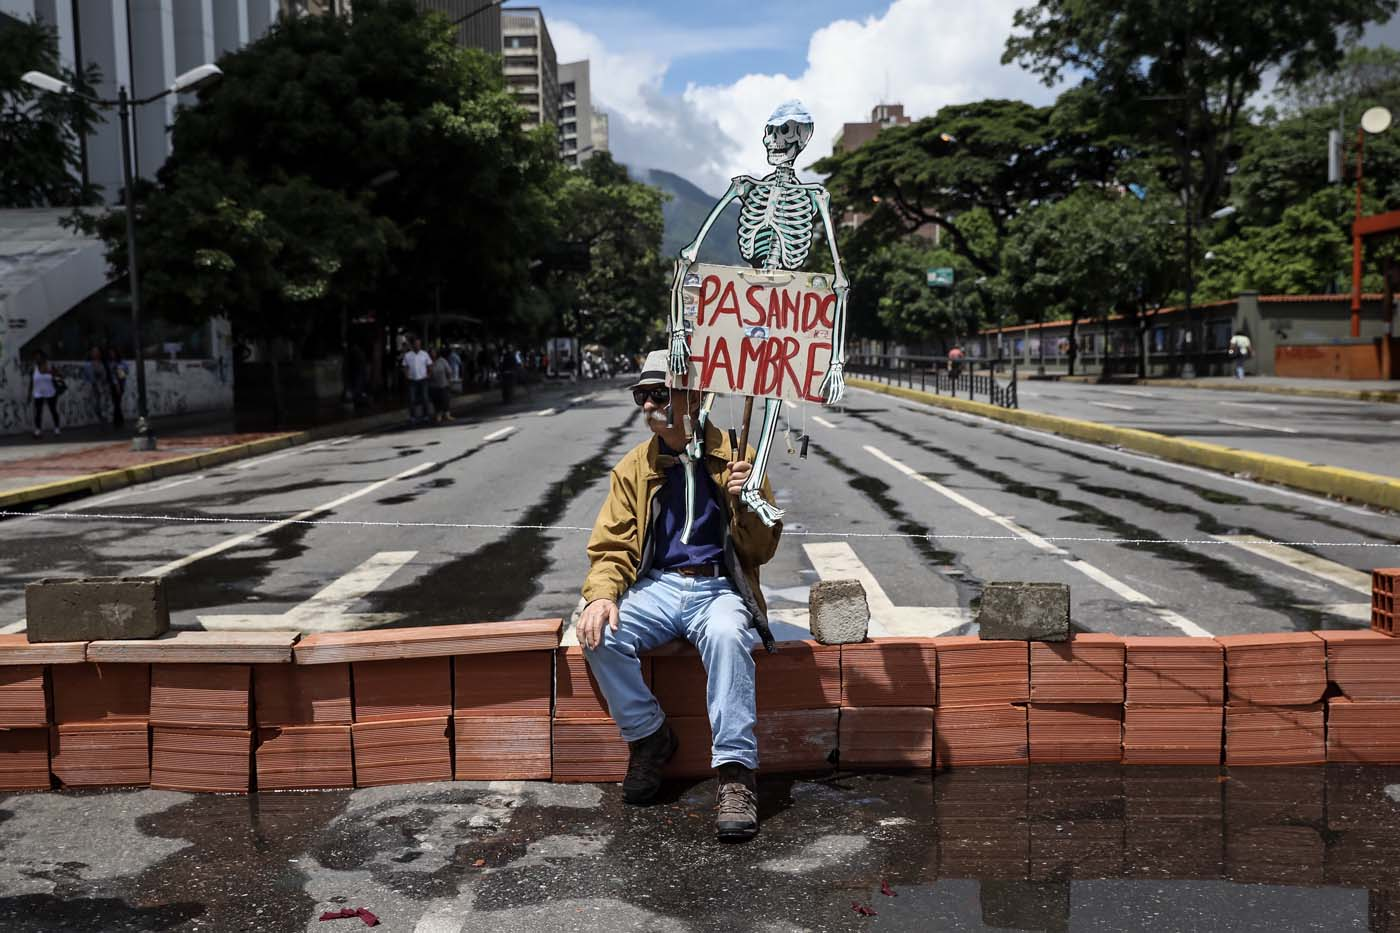 CAR04. CARACAS (VENEZUELA), 28/07/2017.- Un hombre protesta en la calle hoy, viernes 28 de julio de 2017, en Caracas (Venezuela). La oposición venezolana promueve hoy una gran protesta nacional atrancando las calles y avenidas, una convocatoria que reta la prohibición de las autoridades a que se celebre cualquier tipo de reunión pública que perturbe los comicios. EFE/Miguel Gutiérrez